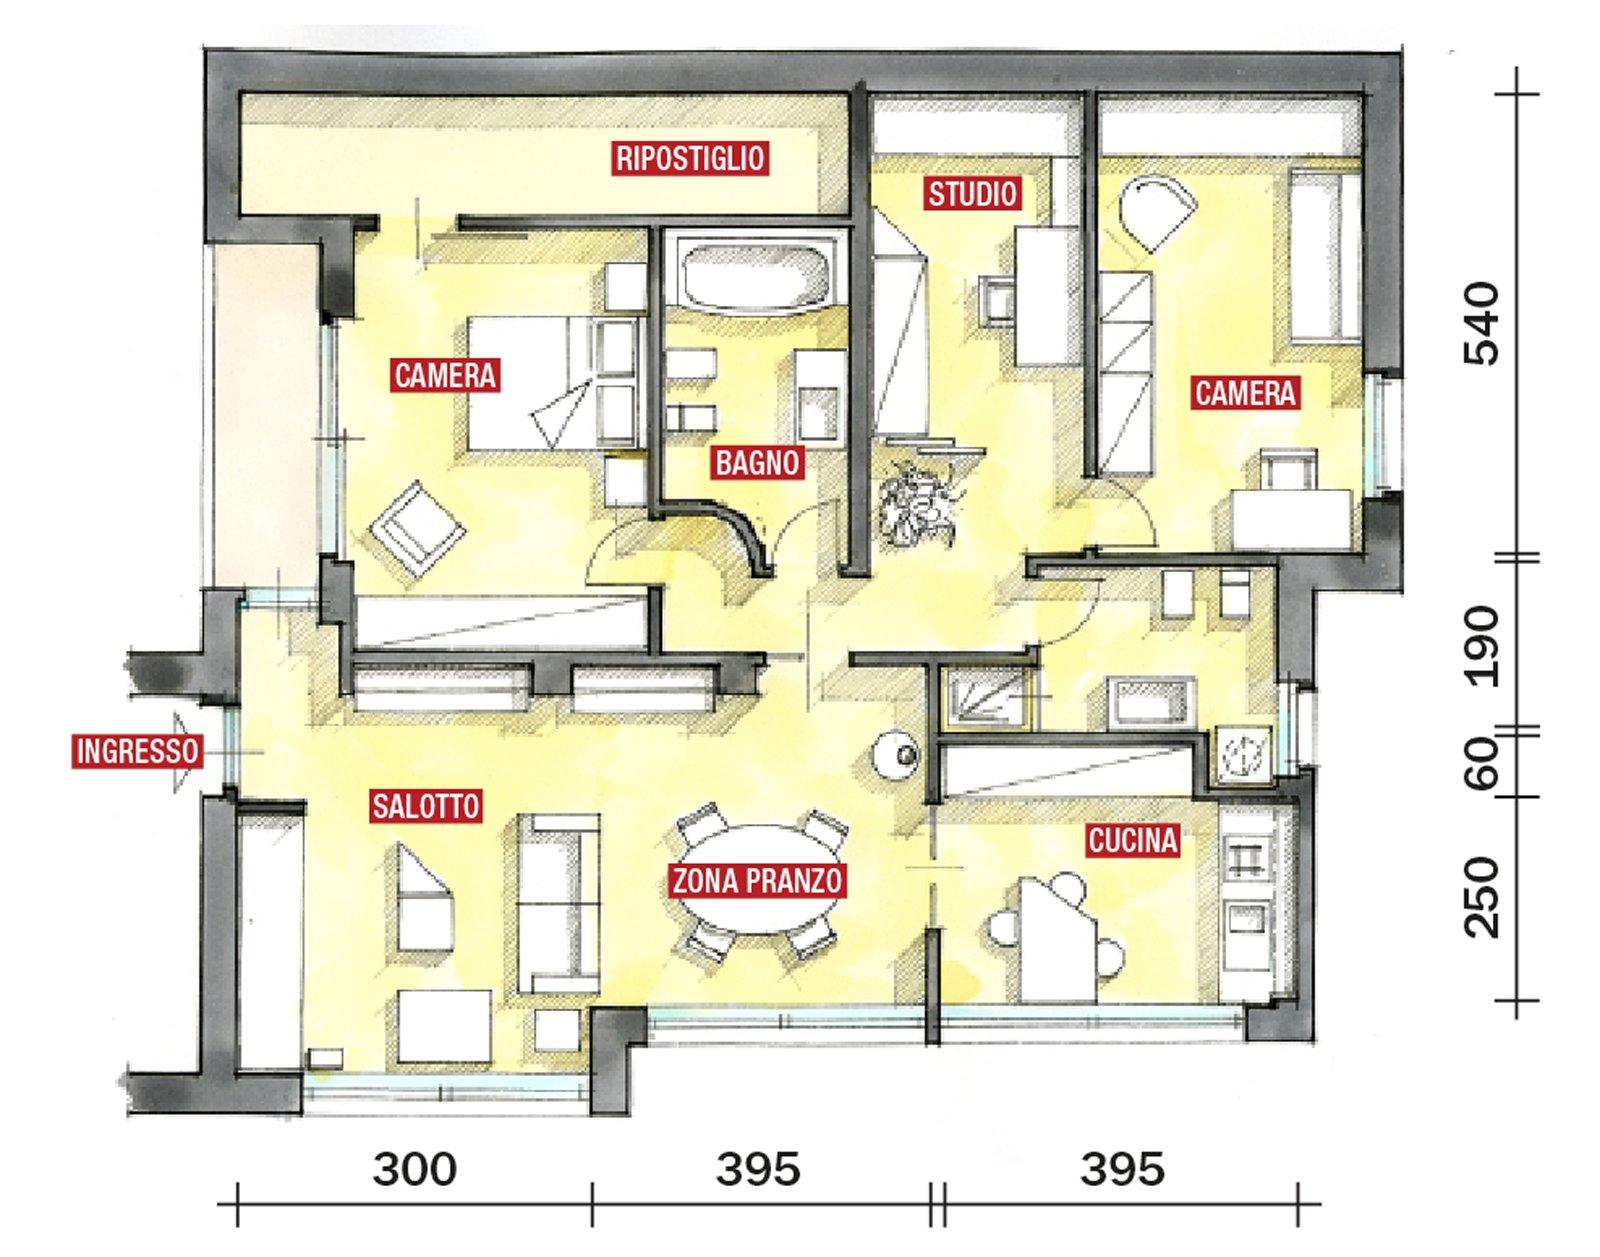 Casa in mansarda con le soluzioni giuste per gli spazi for Che disegna progetti per le case